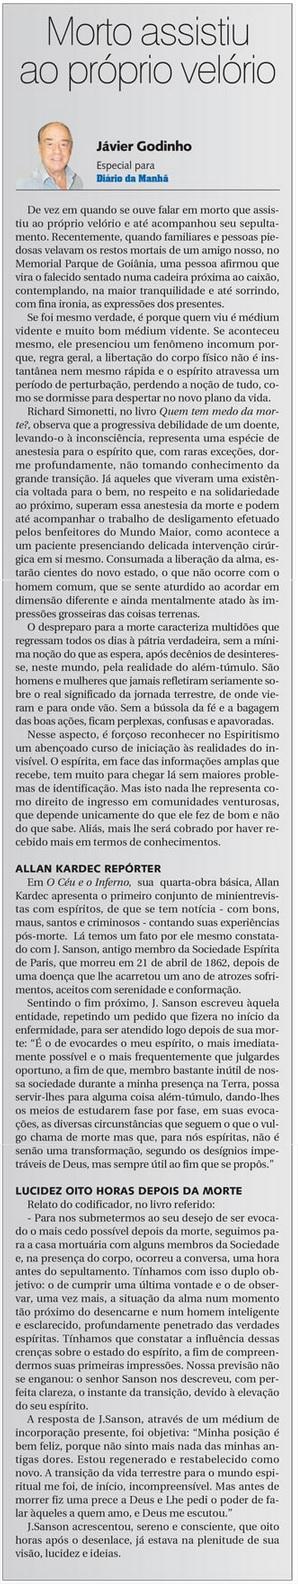 DM 13-05-2015 - Morto assistiu ao próprio velório - Jávier Godinho